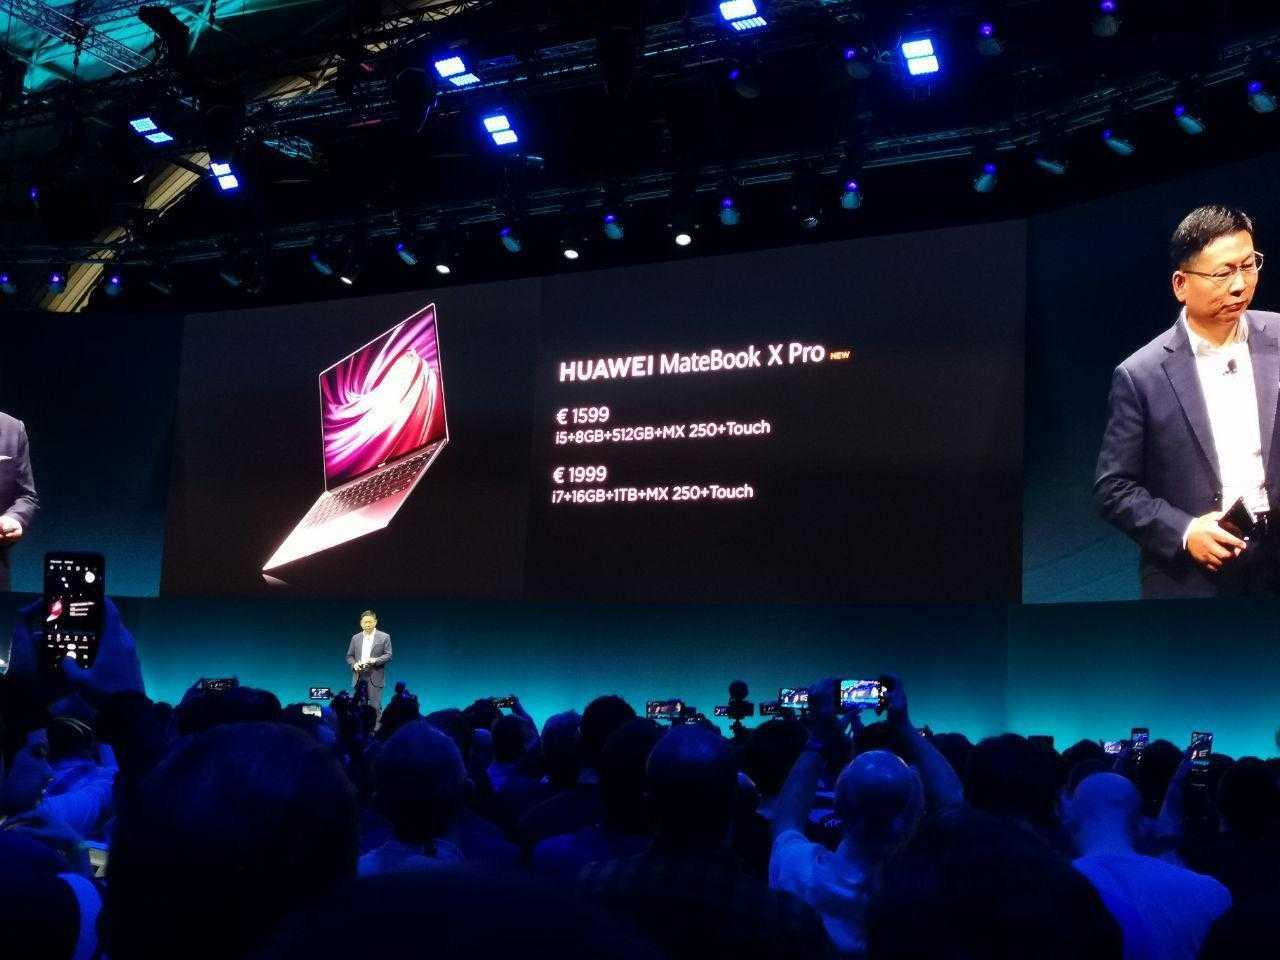 MWC 2019. Huawei показал новый MateBook X Pro. Ещё больше мощности и памяти